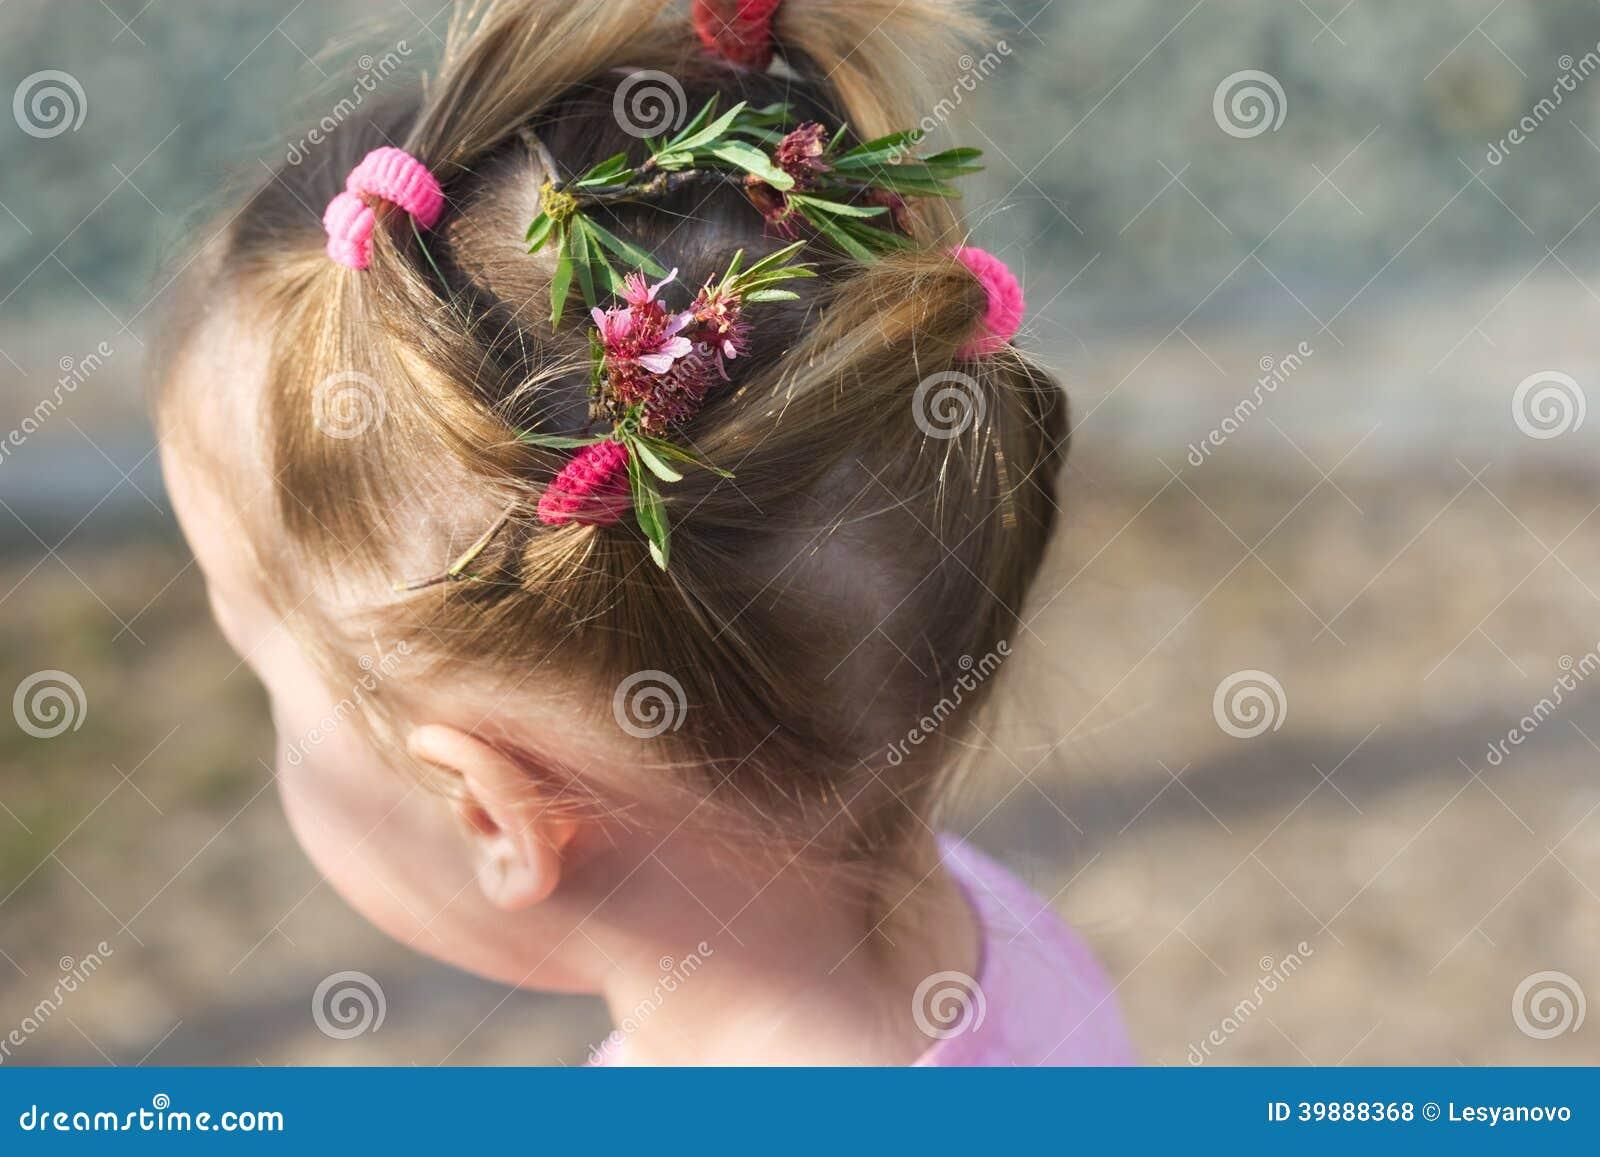 Fryzury Mała Dziewczynka Zdjęcie Stock Obraz Złożonej Z